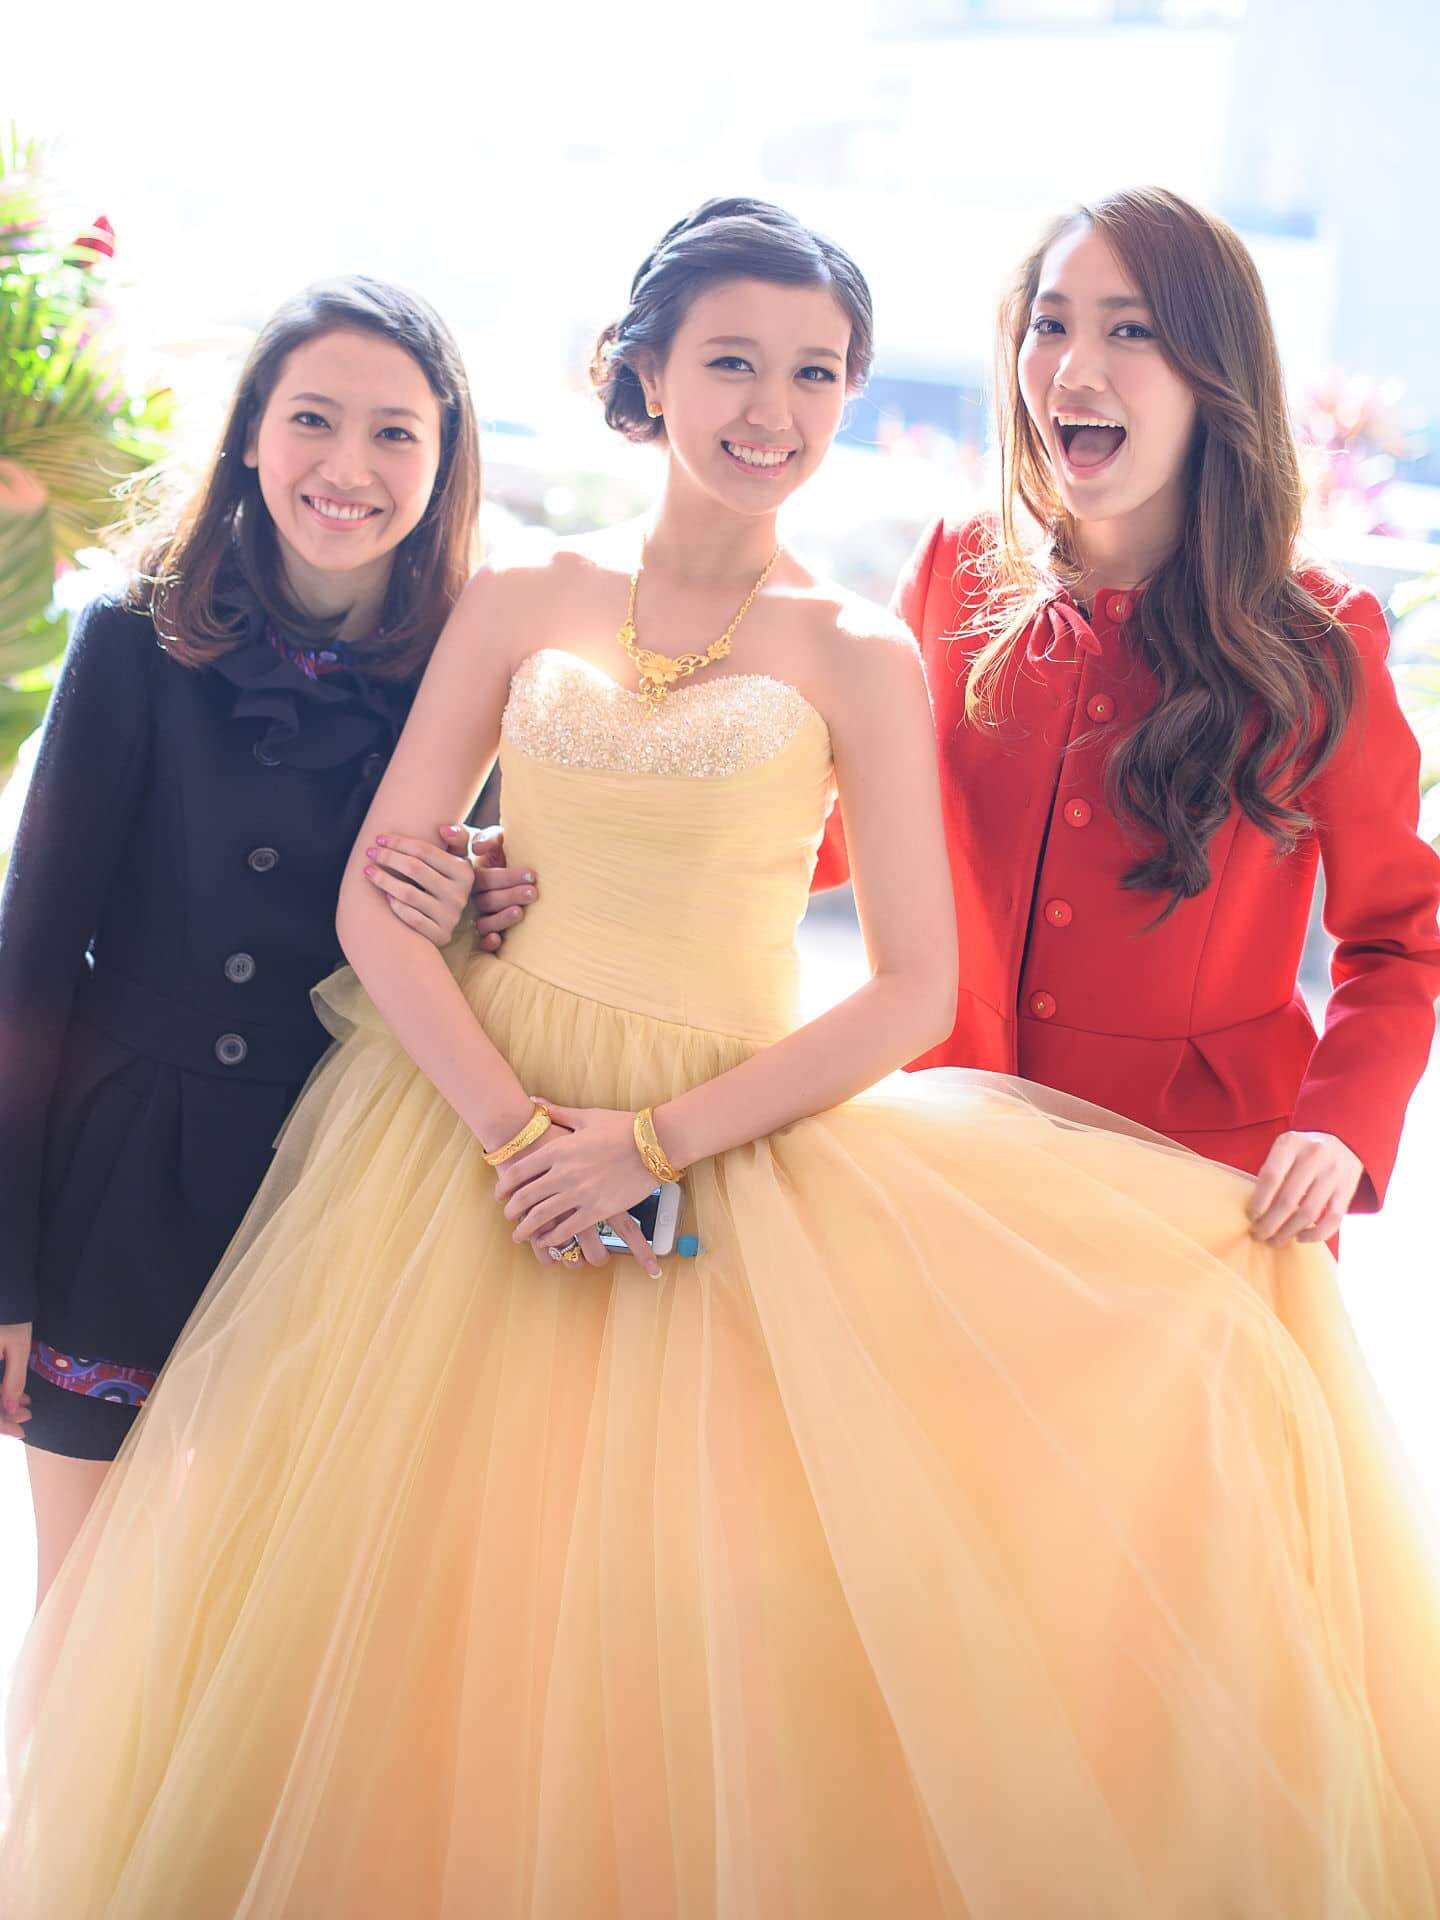 新娘作寧和她的好姊妹-DU雙魚的海邊-婚禮攝影